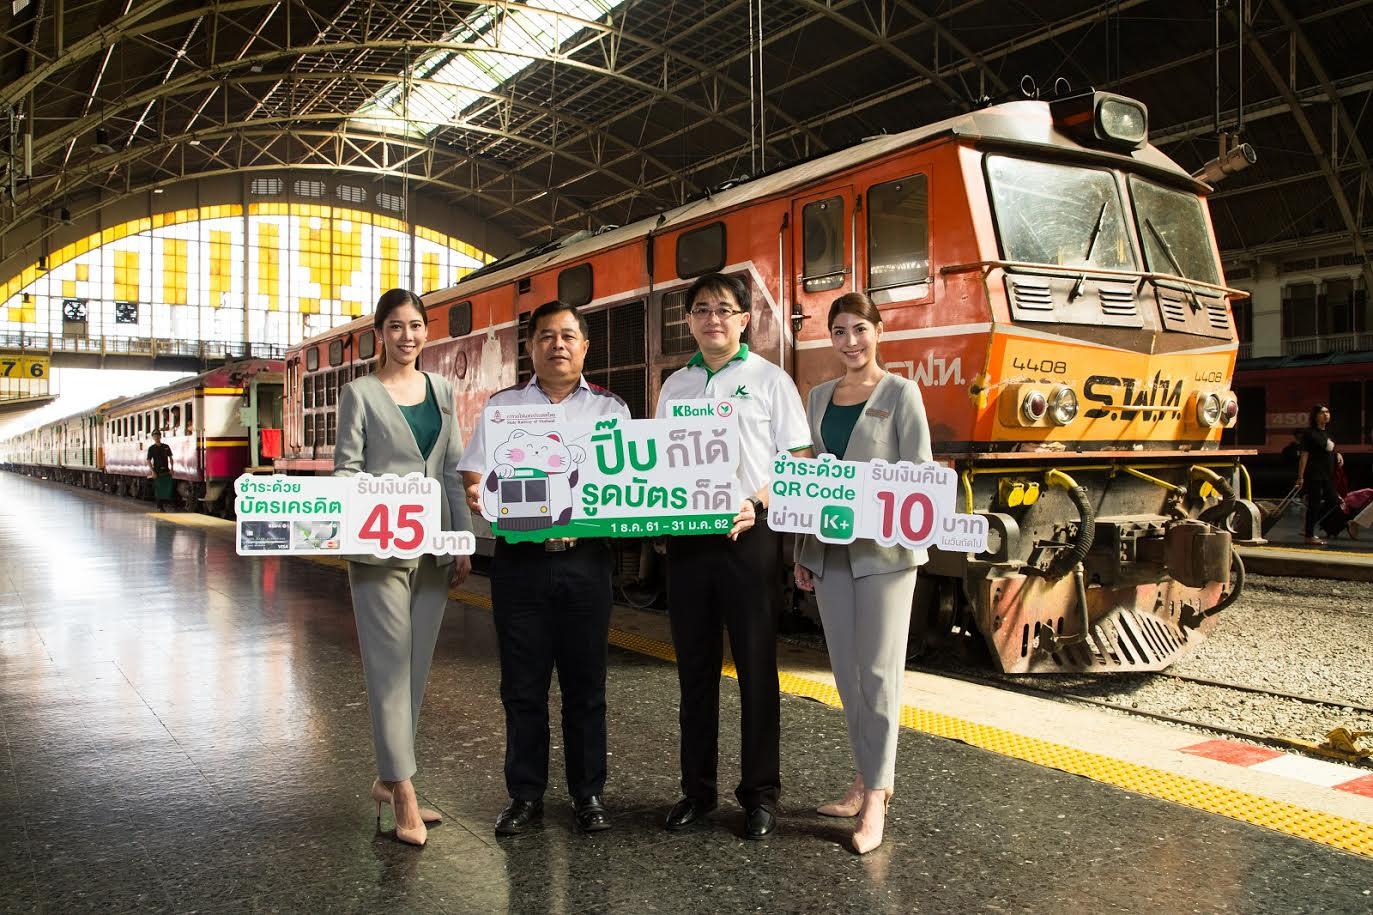 """""""กสิกรไทย"""" ให้ลูกค้าซื้อตั๋วรถไฟผ่าน K PLUS รับเงินคืนเข้าบัญชี 10 บาท"""